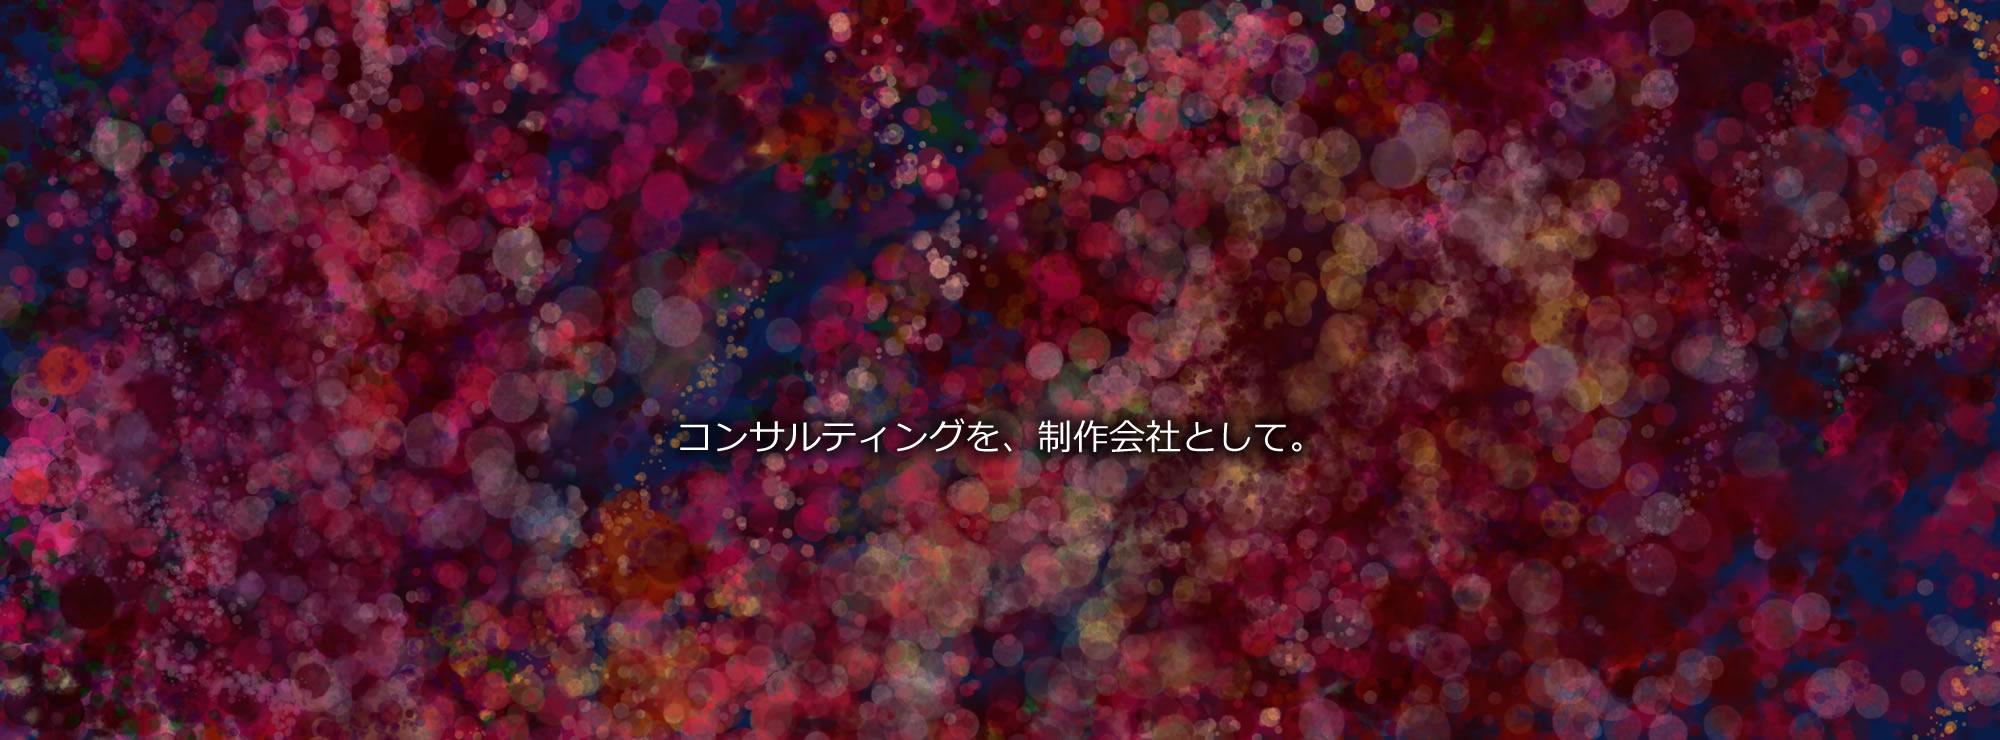 http://fsci.jp/concept